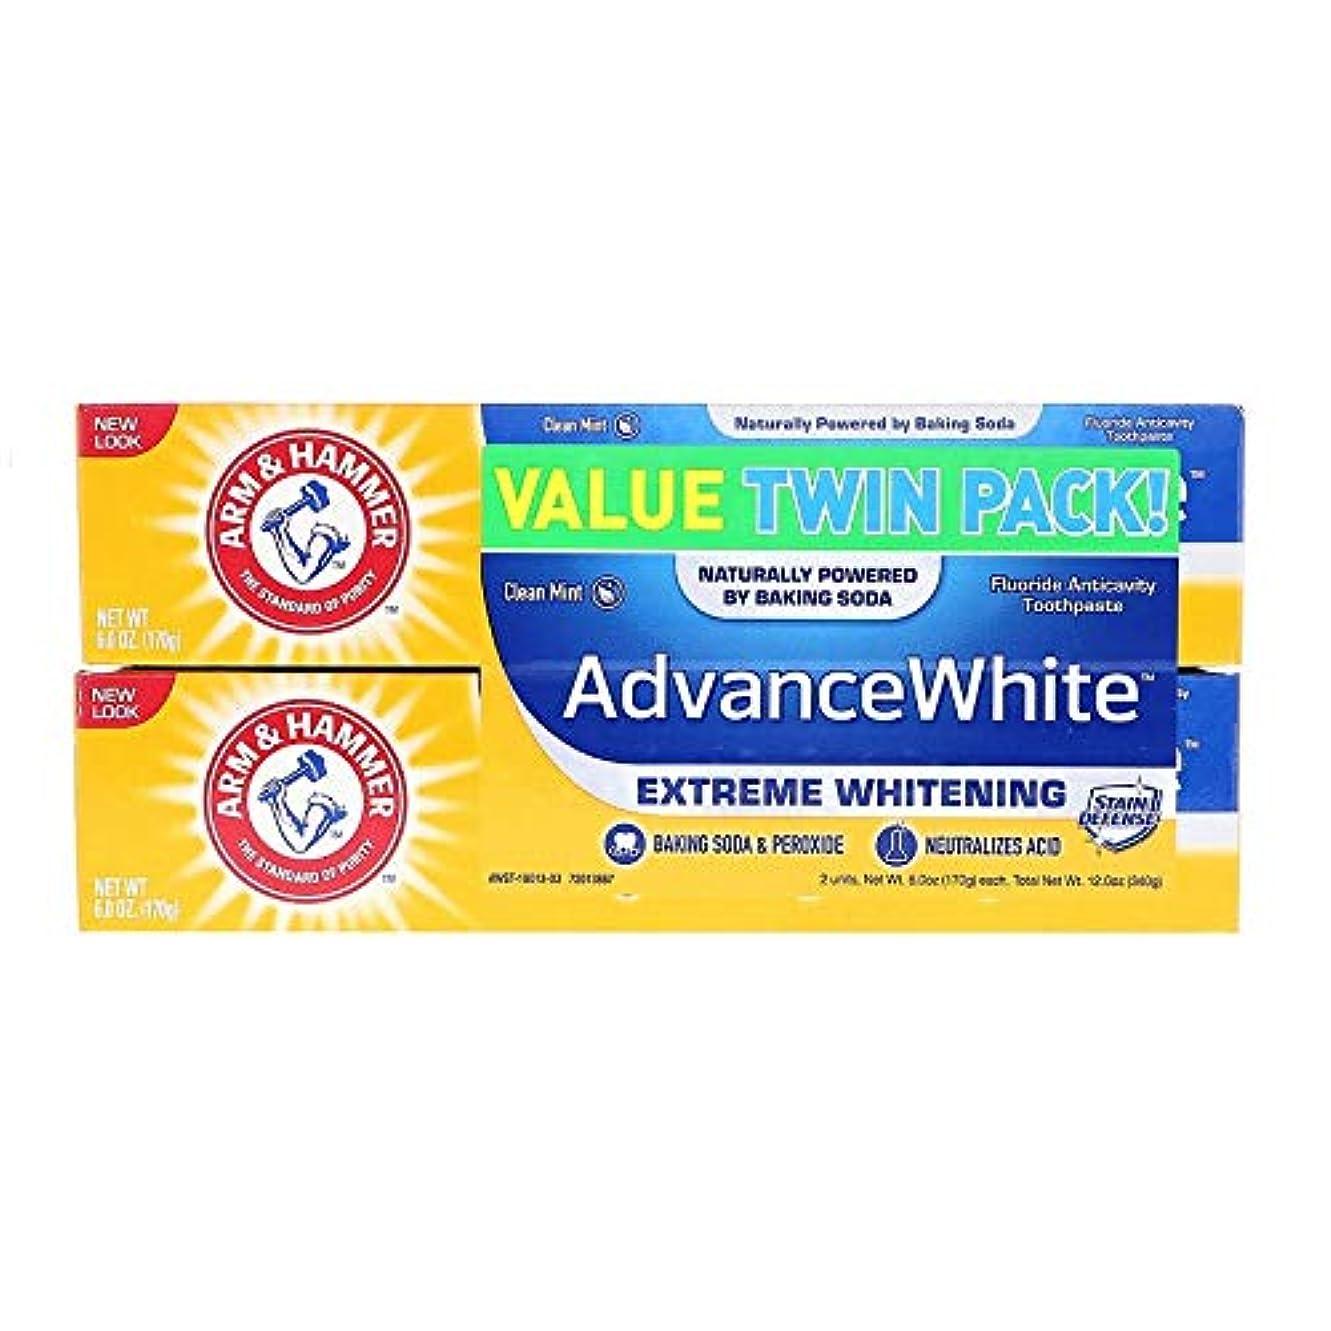 馬鹿げたセクションアコードArm & Hammer アーム&ハマー アドバンス ホワイト 歯磨き粉 6個パック Toothpaste with Baking Soda & Peroxide